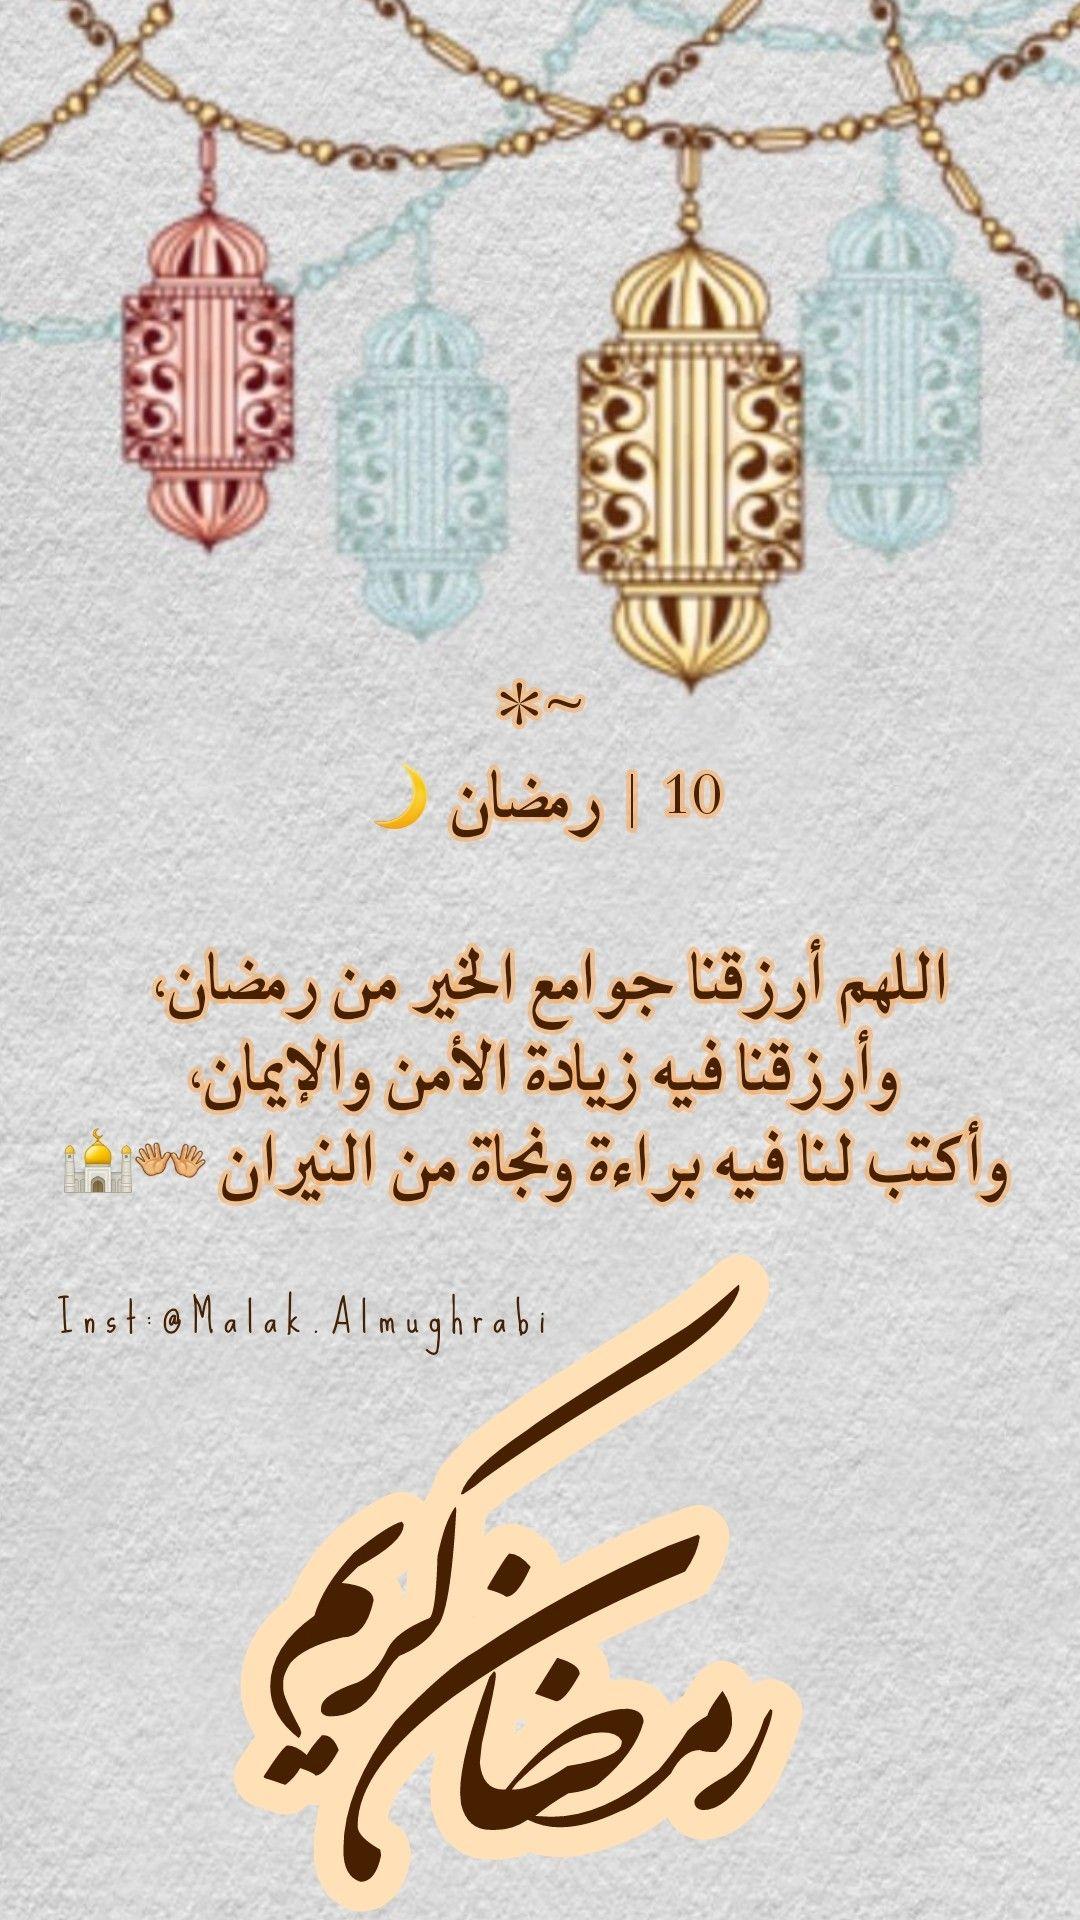 10 رمضان اللهم أرزقنا جوامع الخير من رمضان وأرزقنا فيه زيادة الأمن والإيمان وأكتب لنا فيه براءة ونجاة من النيران Ramadan Day Ramadan Ramadan Kareem